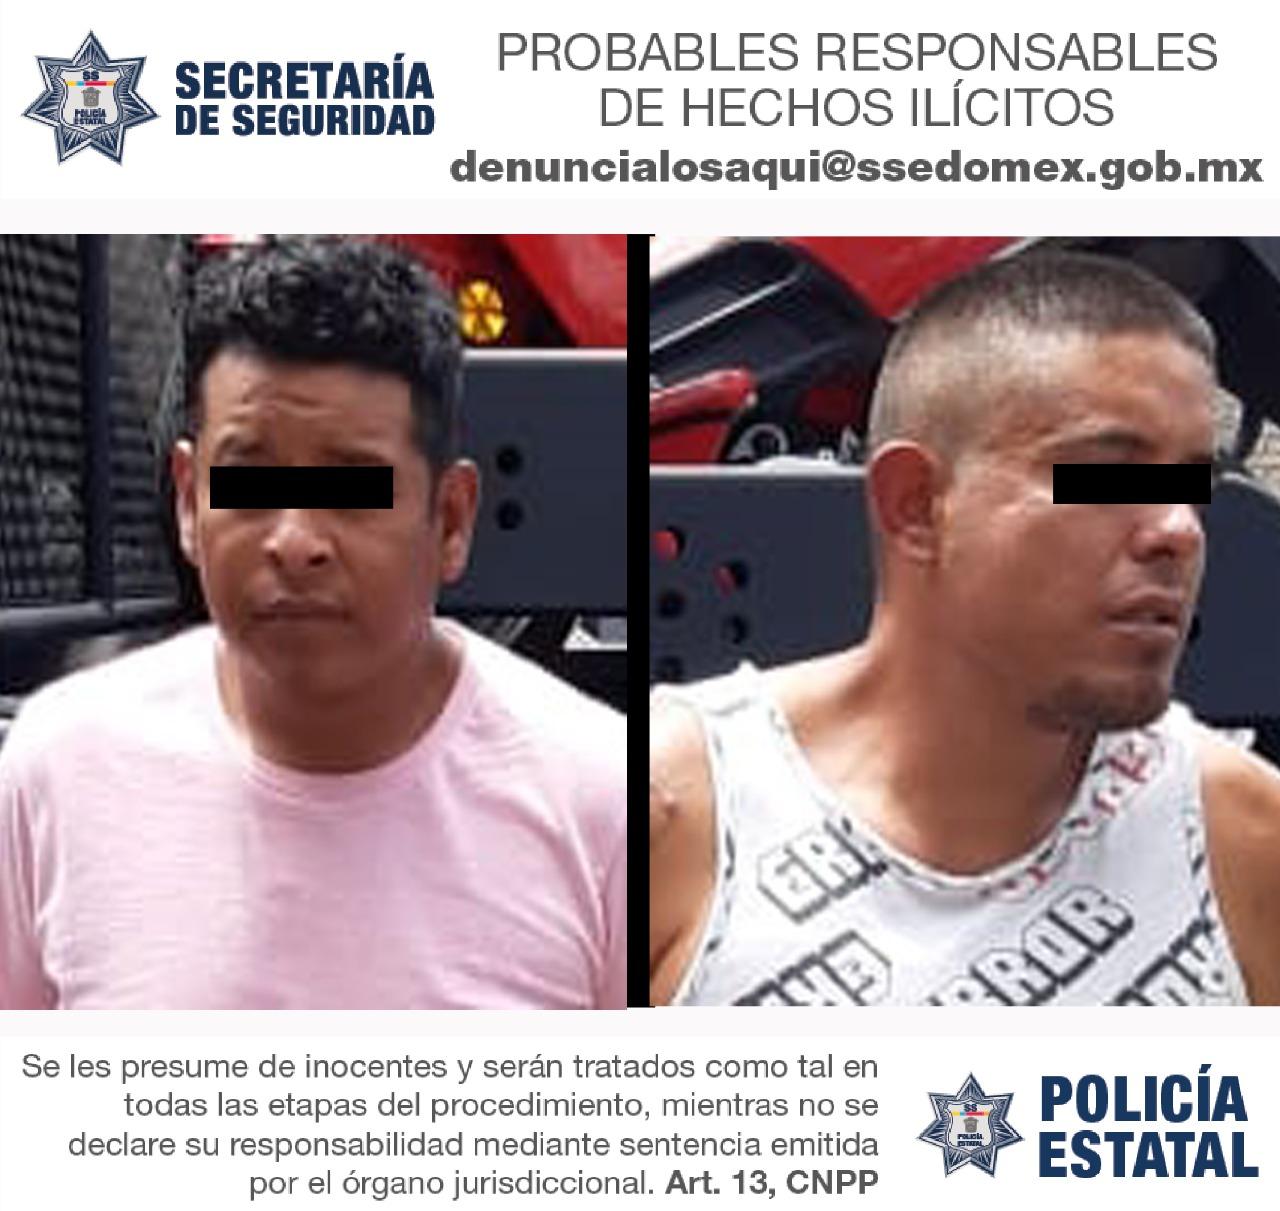 ARRESTAN A SUJETOS POR PRESUNTO ROBO CON VIOLENCIA A TIENDAS DE CONVENIENCIA